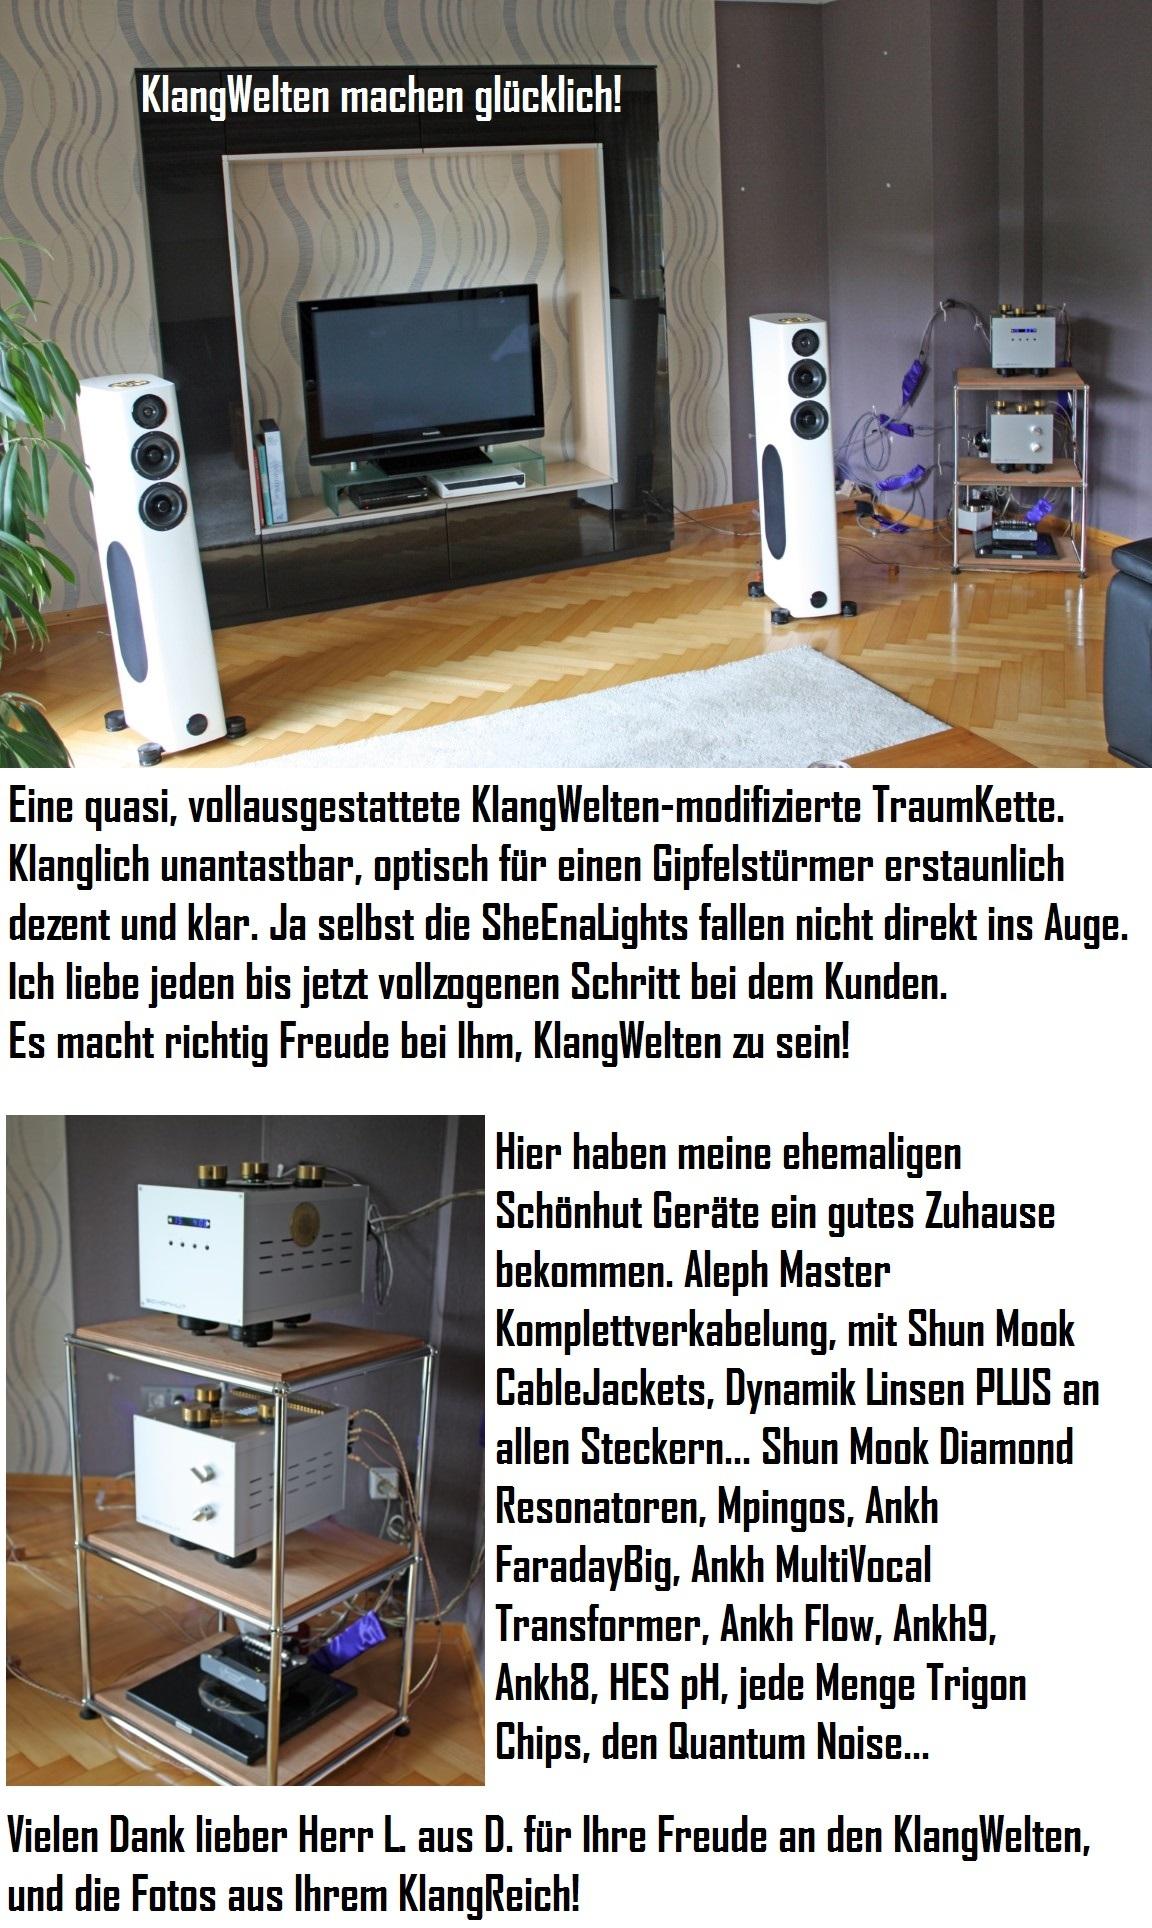 Schön Erhalten Linsen In Den Rahmen Setzen Bilder ...